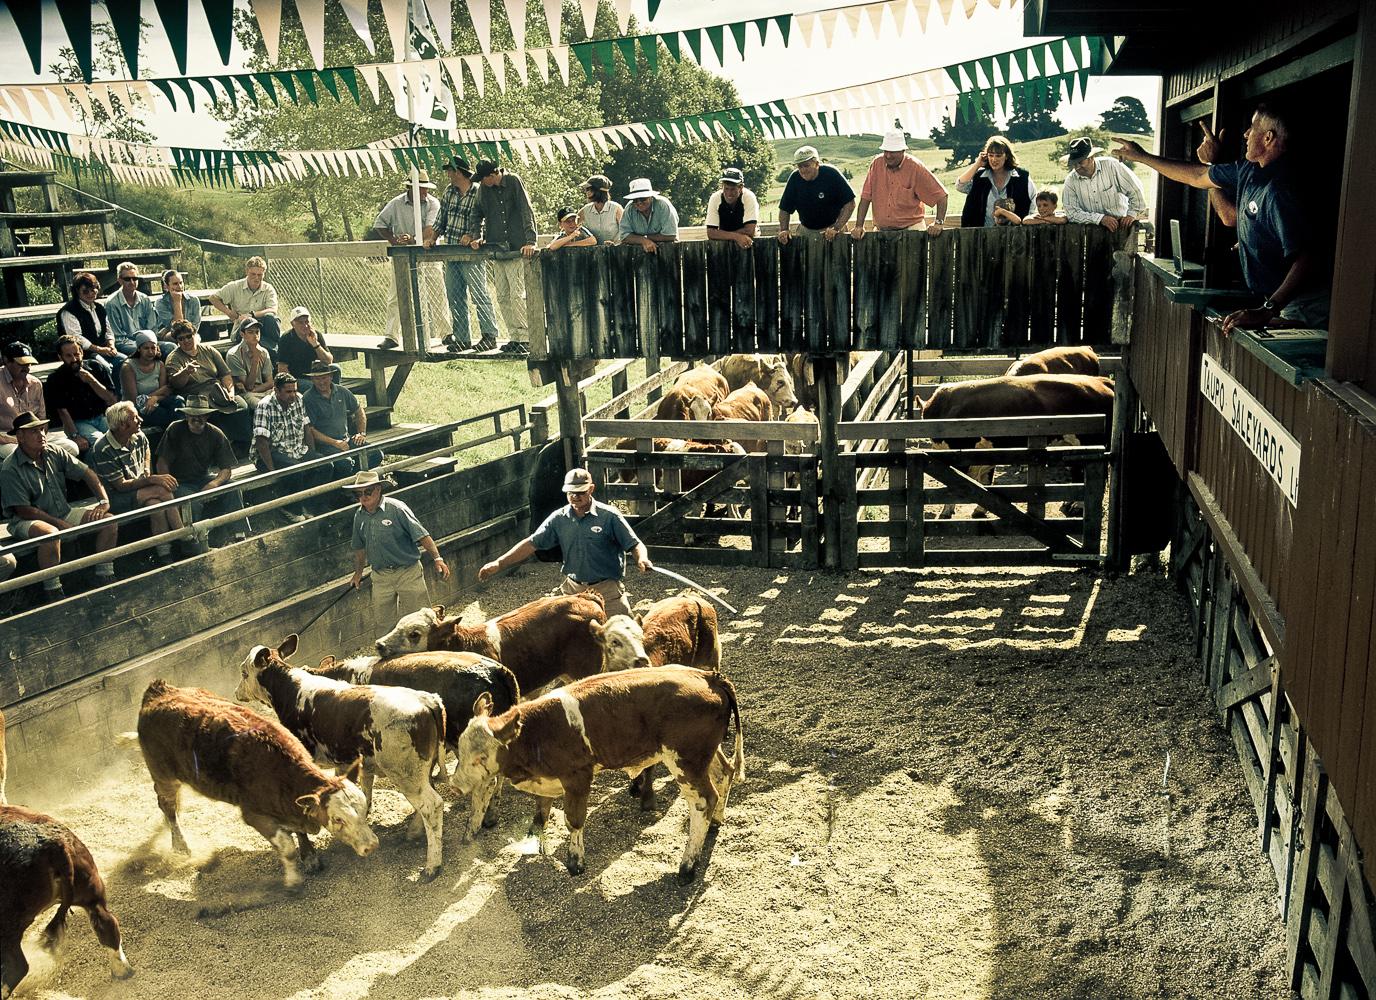 stock-yard-farm-Wellington-photographer-Paul-Fisher.jpg